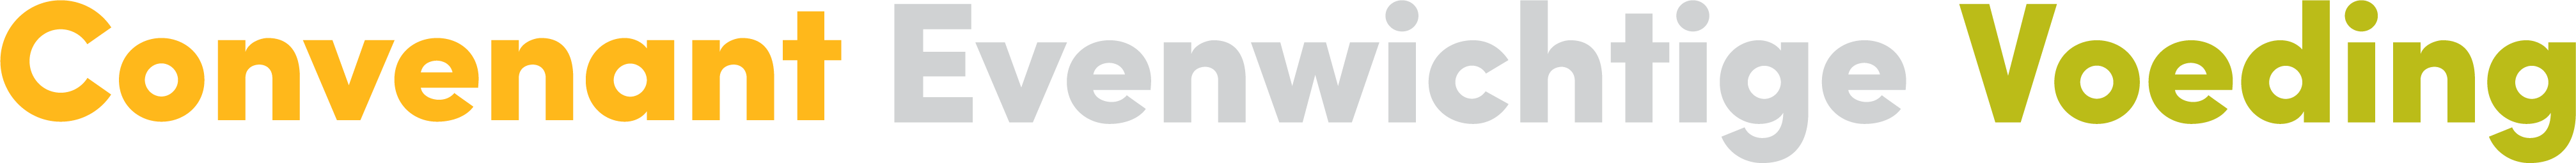 Logo van Convenant Evenwichtige Voeding